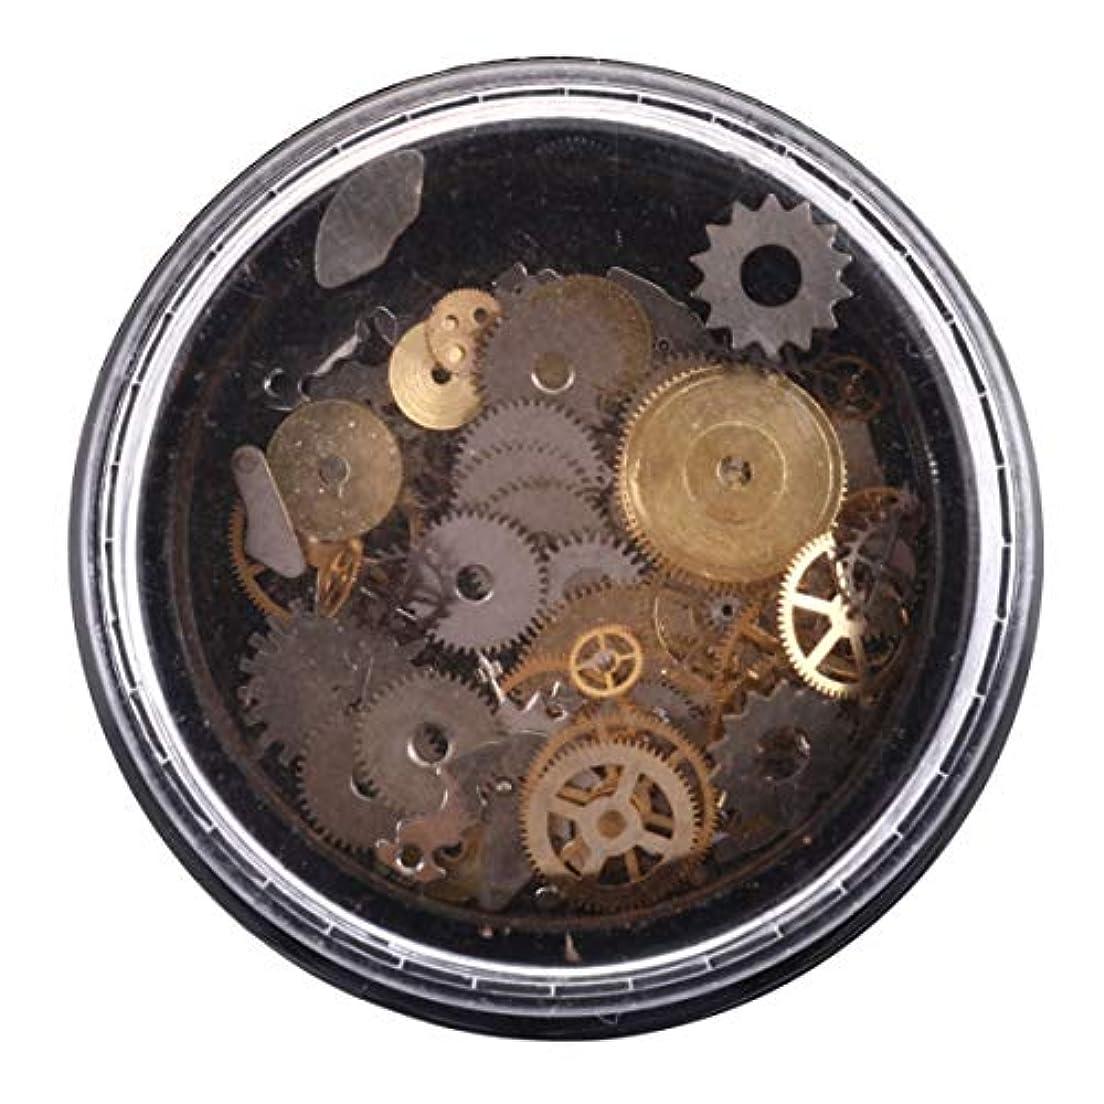 豊富に始まり刺すQuzama-JS 甘いファッションユニークな合金蒸気パンクギアネイルアート装飾金属スタイルの創造的な女性の爪DIYアクセサリー1ボックス(None Go)